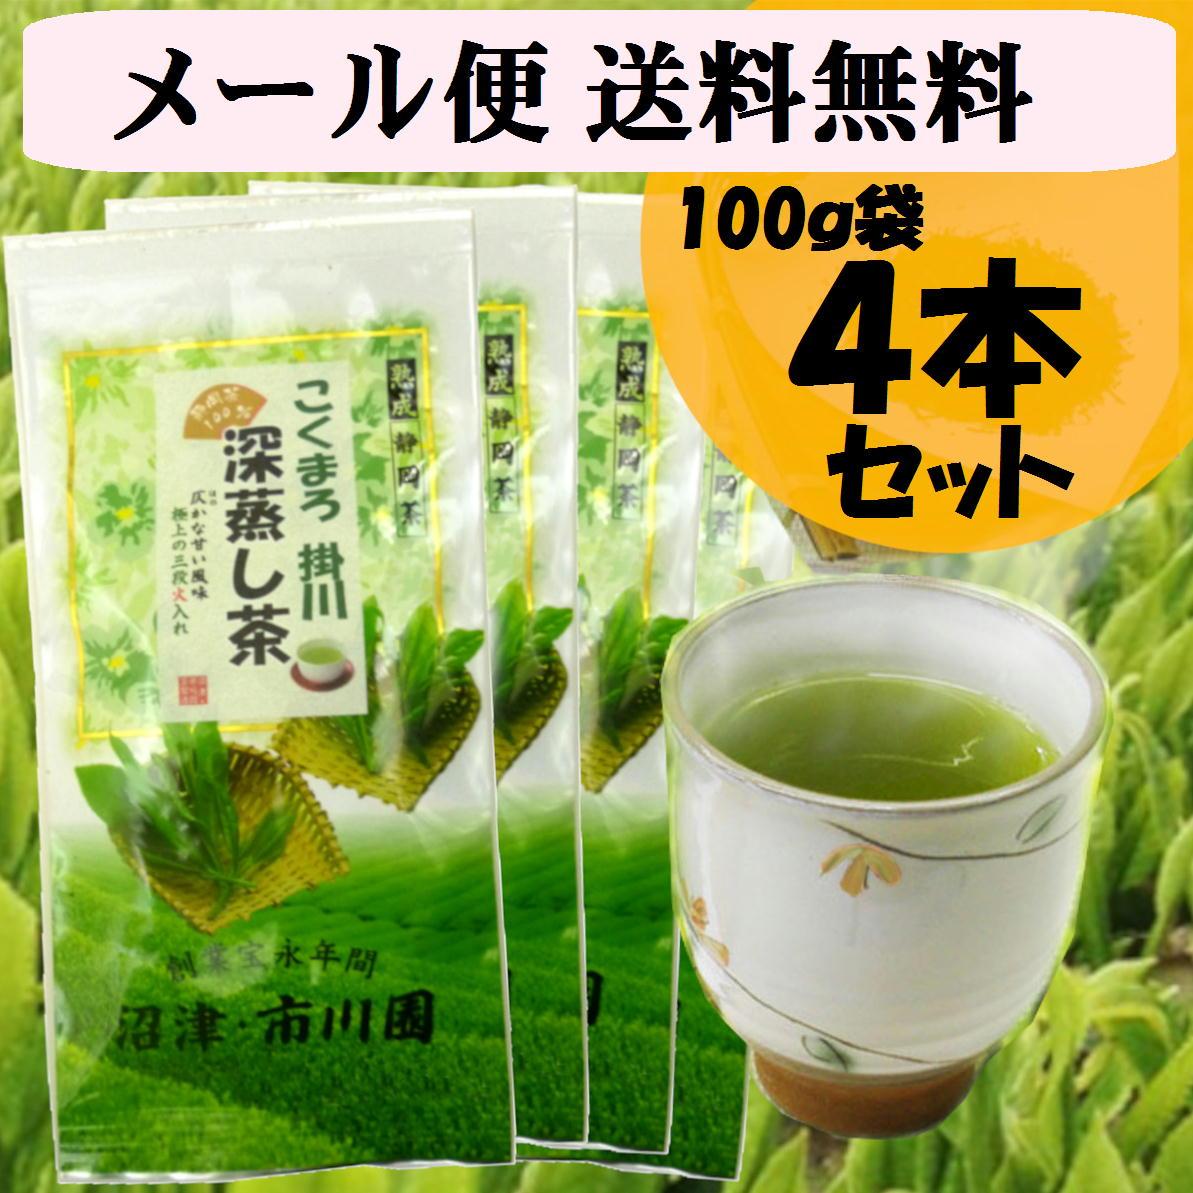 こくまろ掛川深蒸し茶100g袋-4